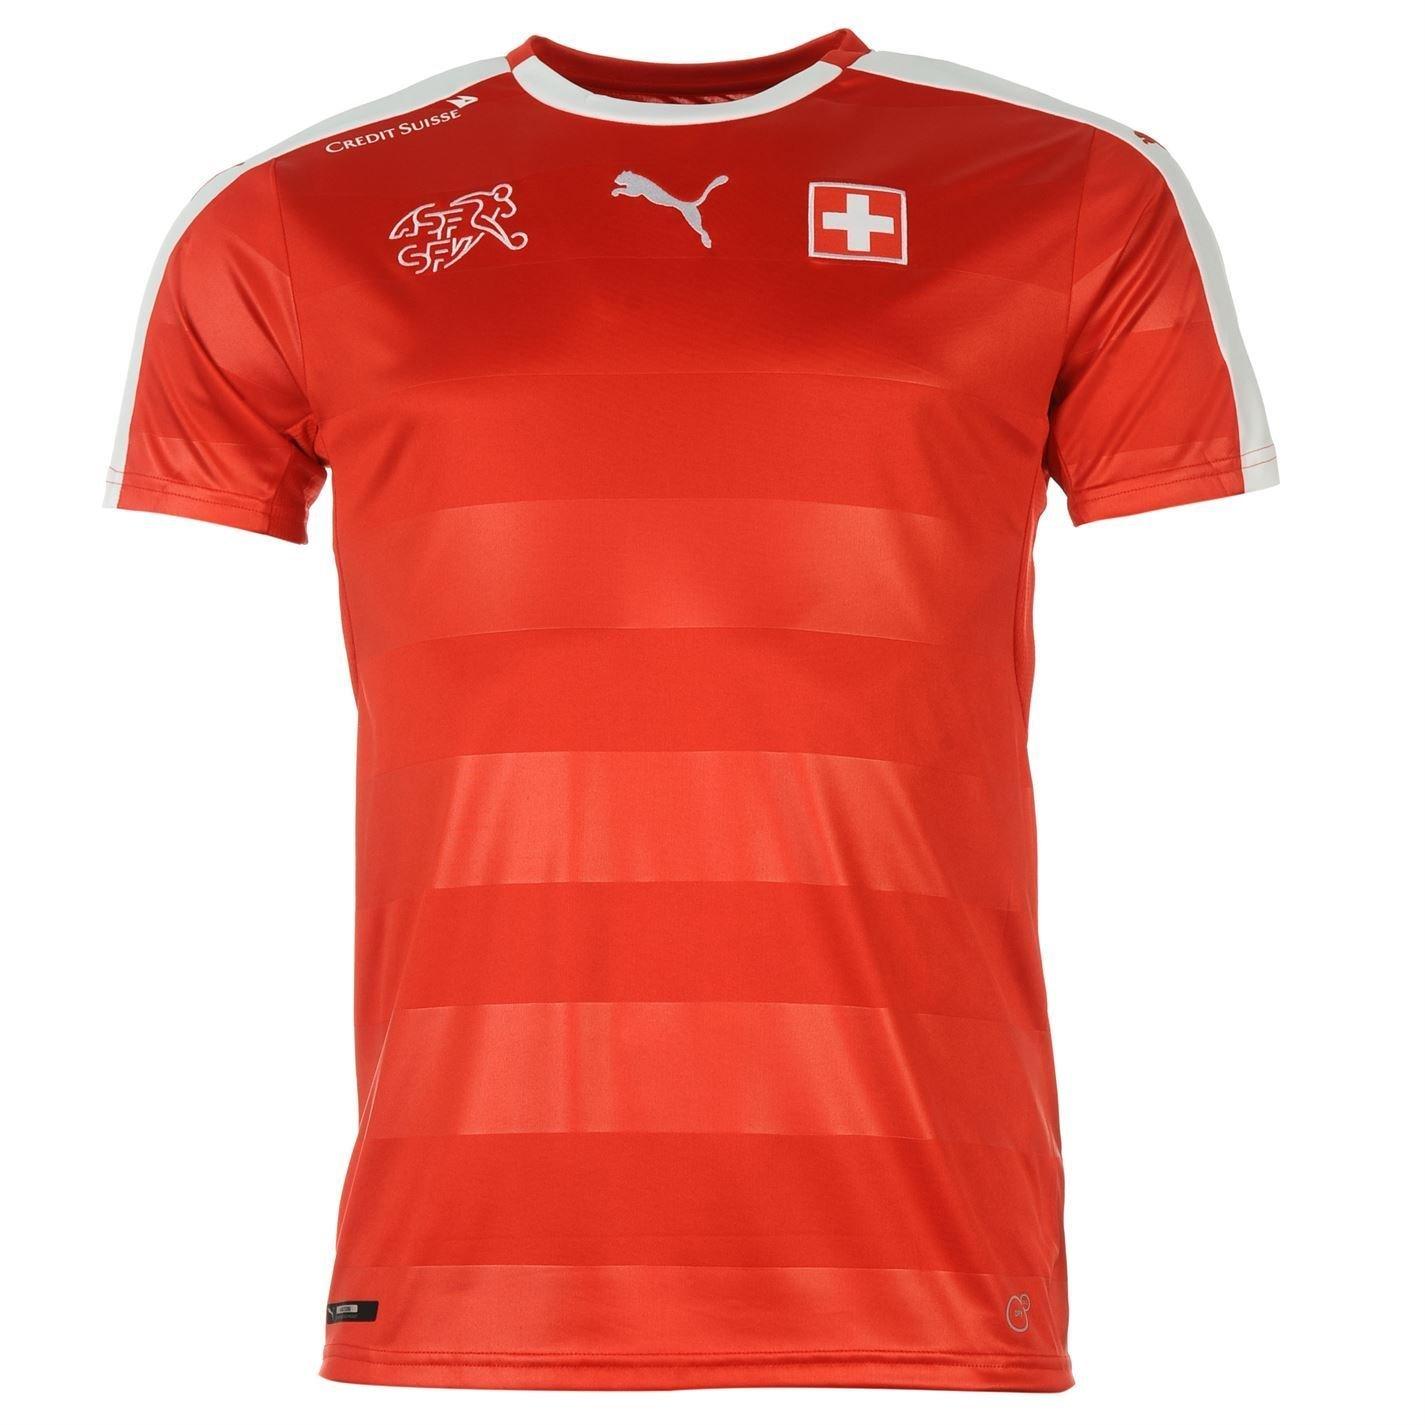 Puma Switzerland Home Jersey 2016メンズレッド/ホワイトフットボールサッカーシャツトップ B01GK4BOV8XLarge